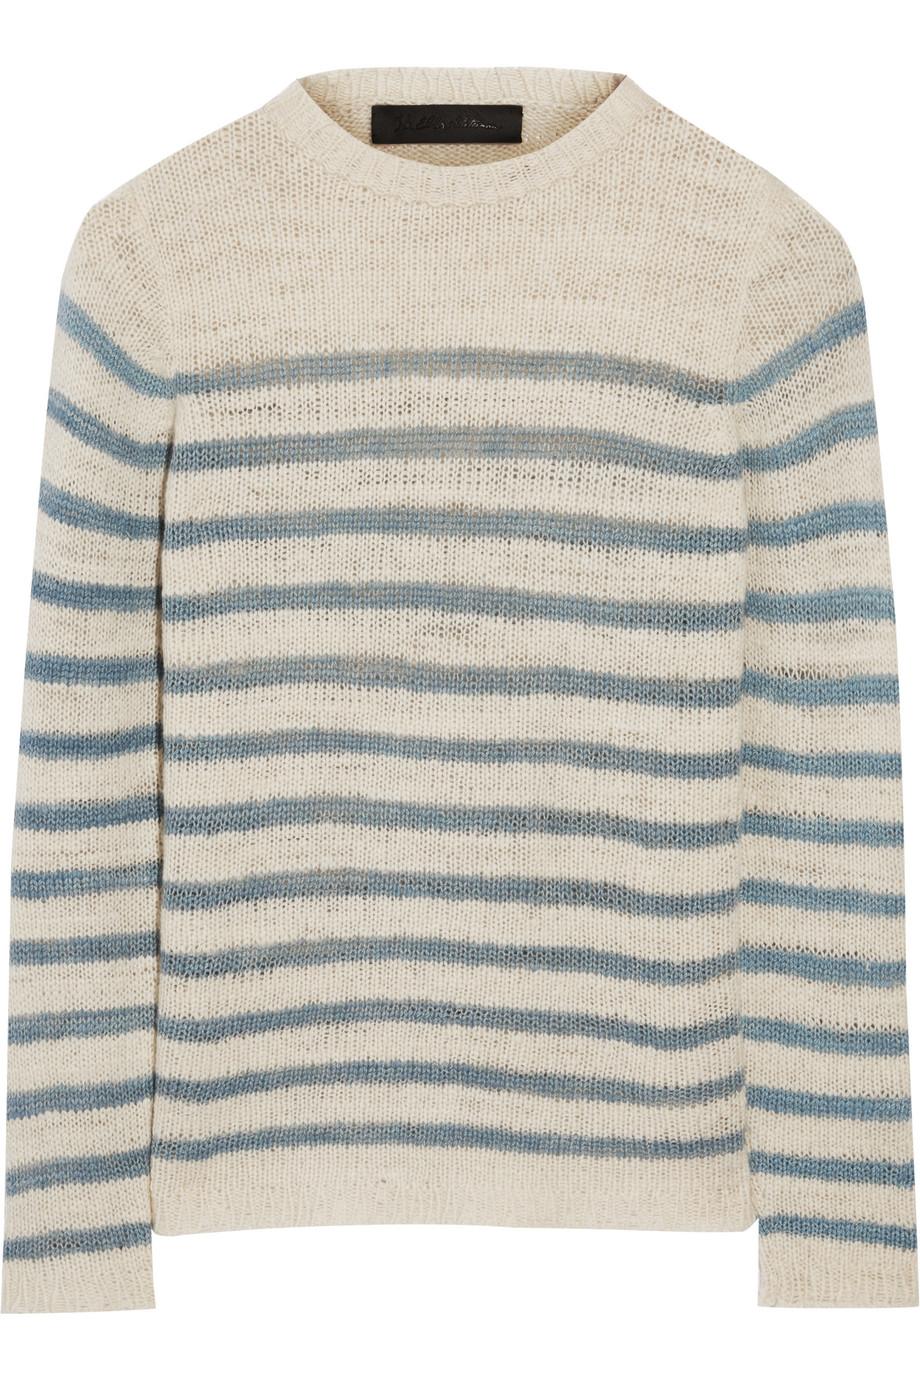 Picasso Striped Cashmere Sweater, The Elder Statesman, Off-White, Women's